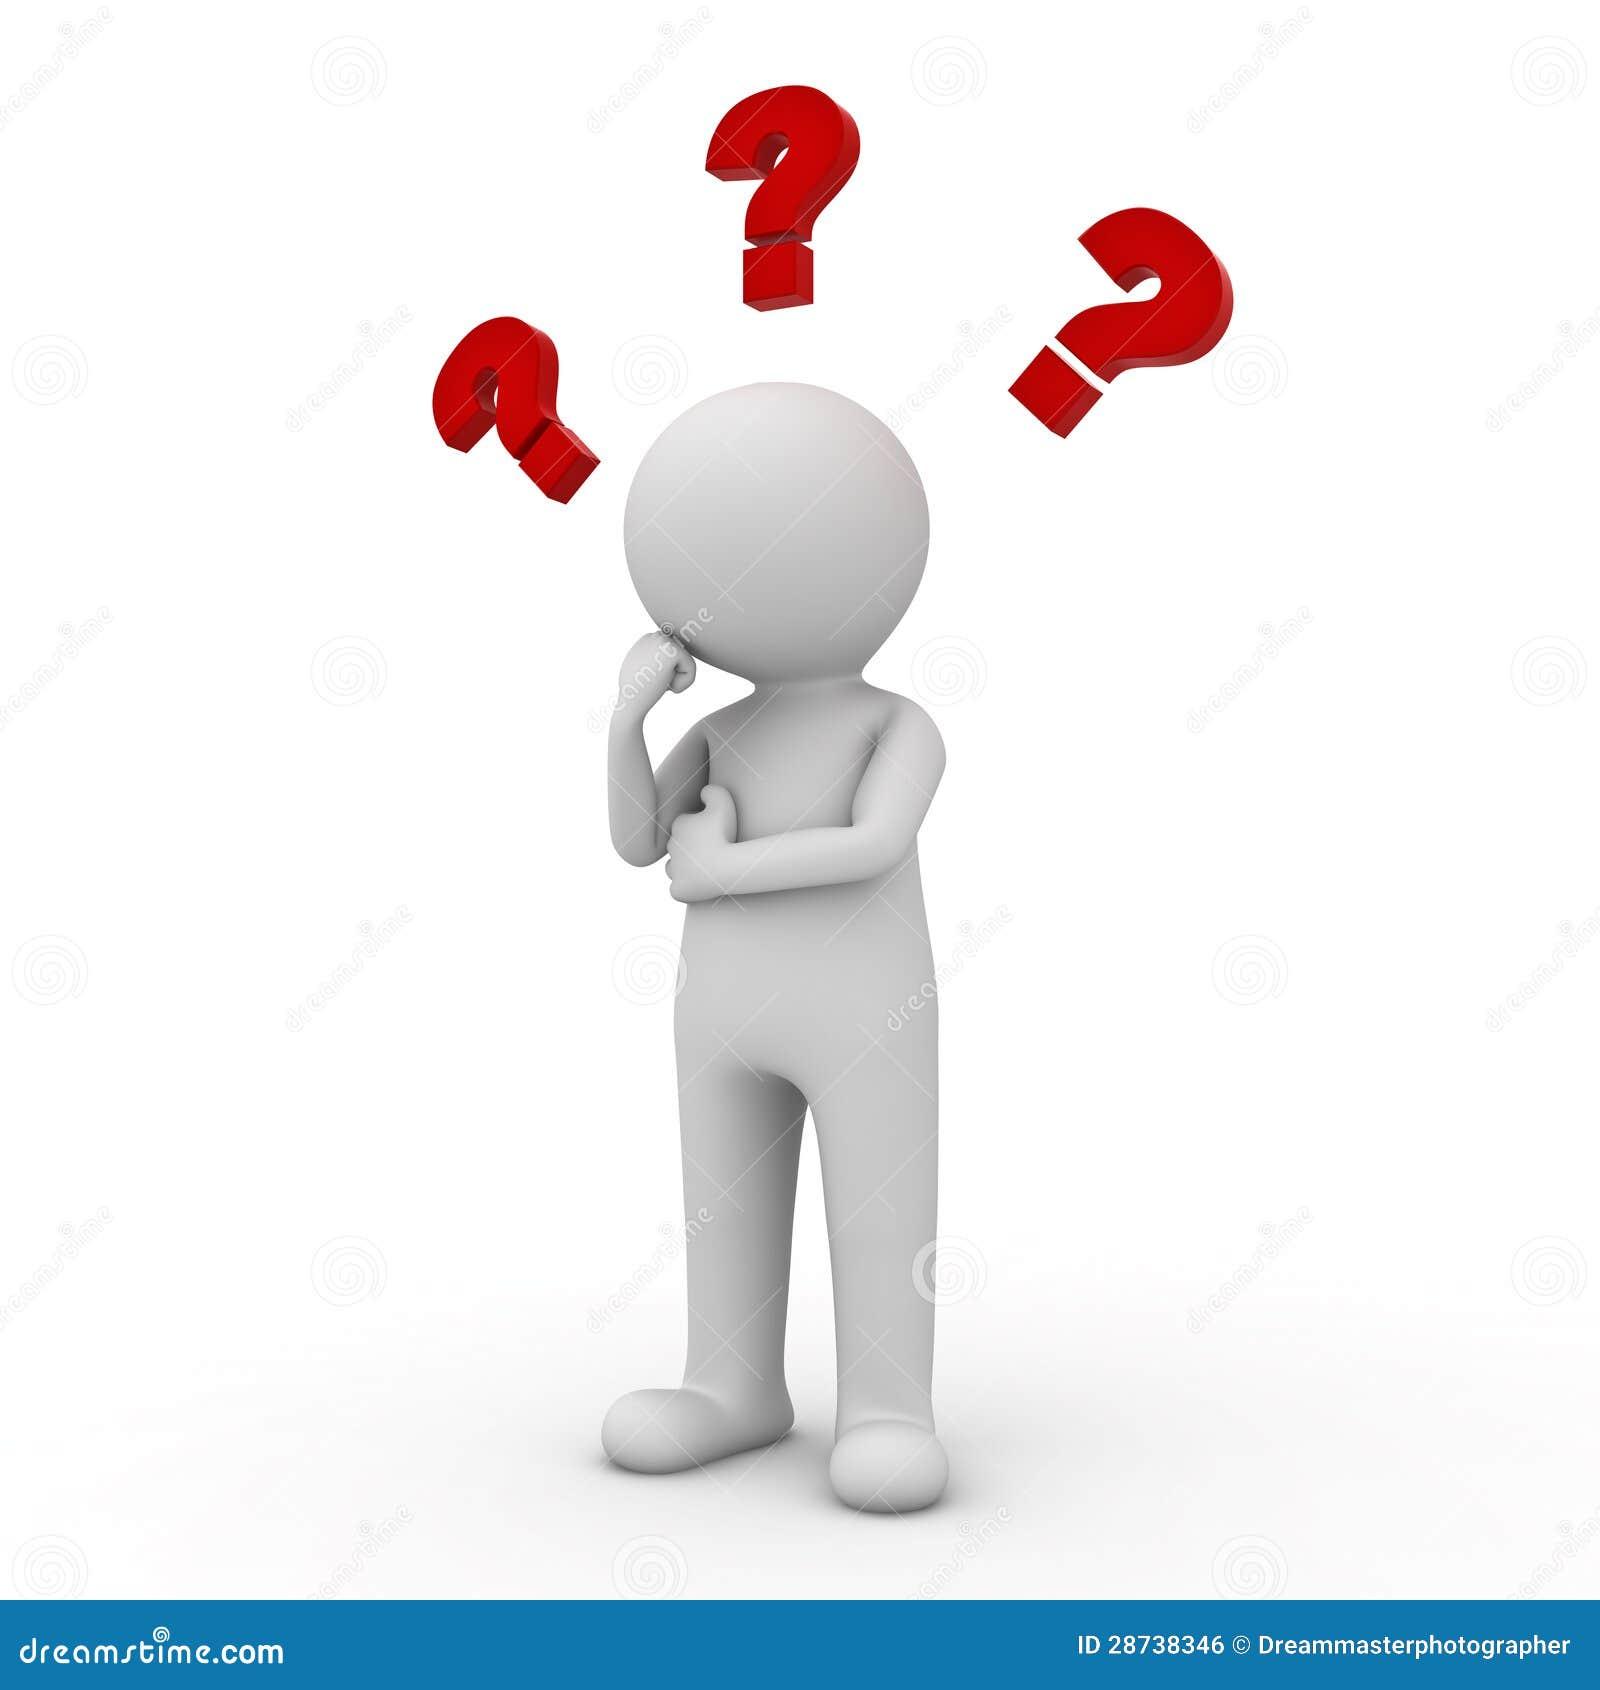 homme-3d-pensant-avec-les-points-d-interrogation-rouges-au-dessus-de-sa-t%C3%AAte-28738346.jpg?width=110